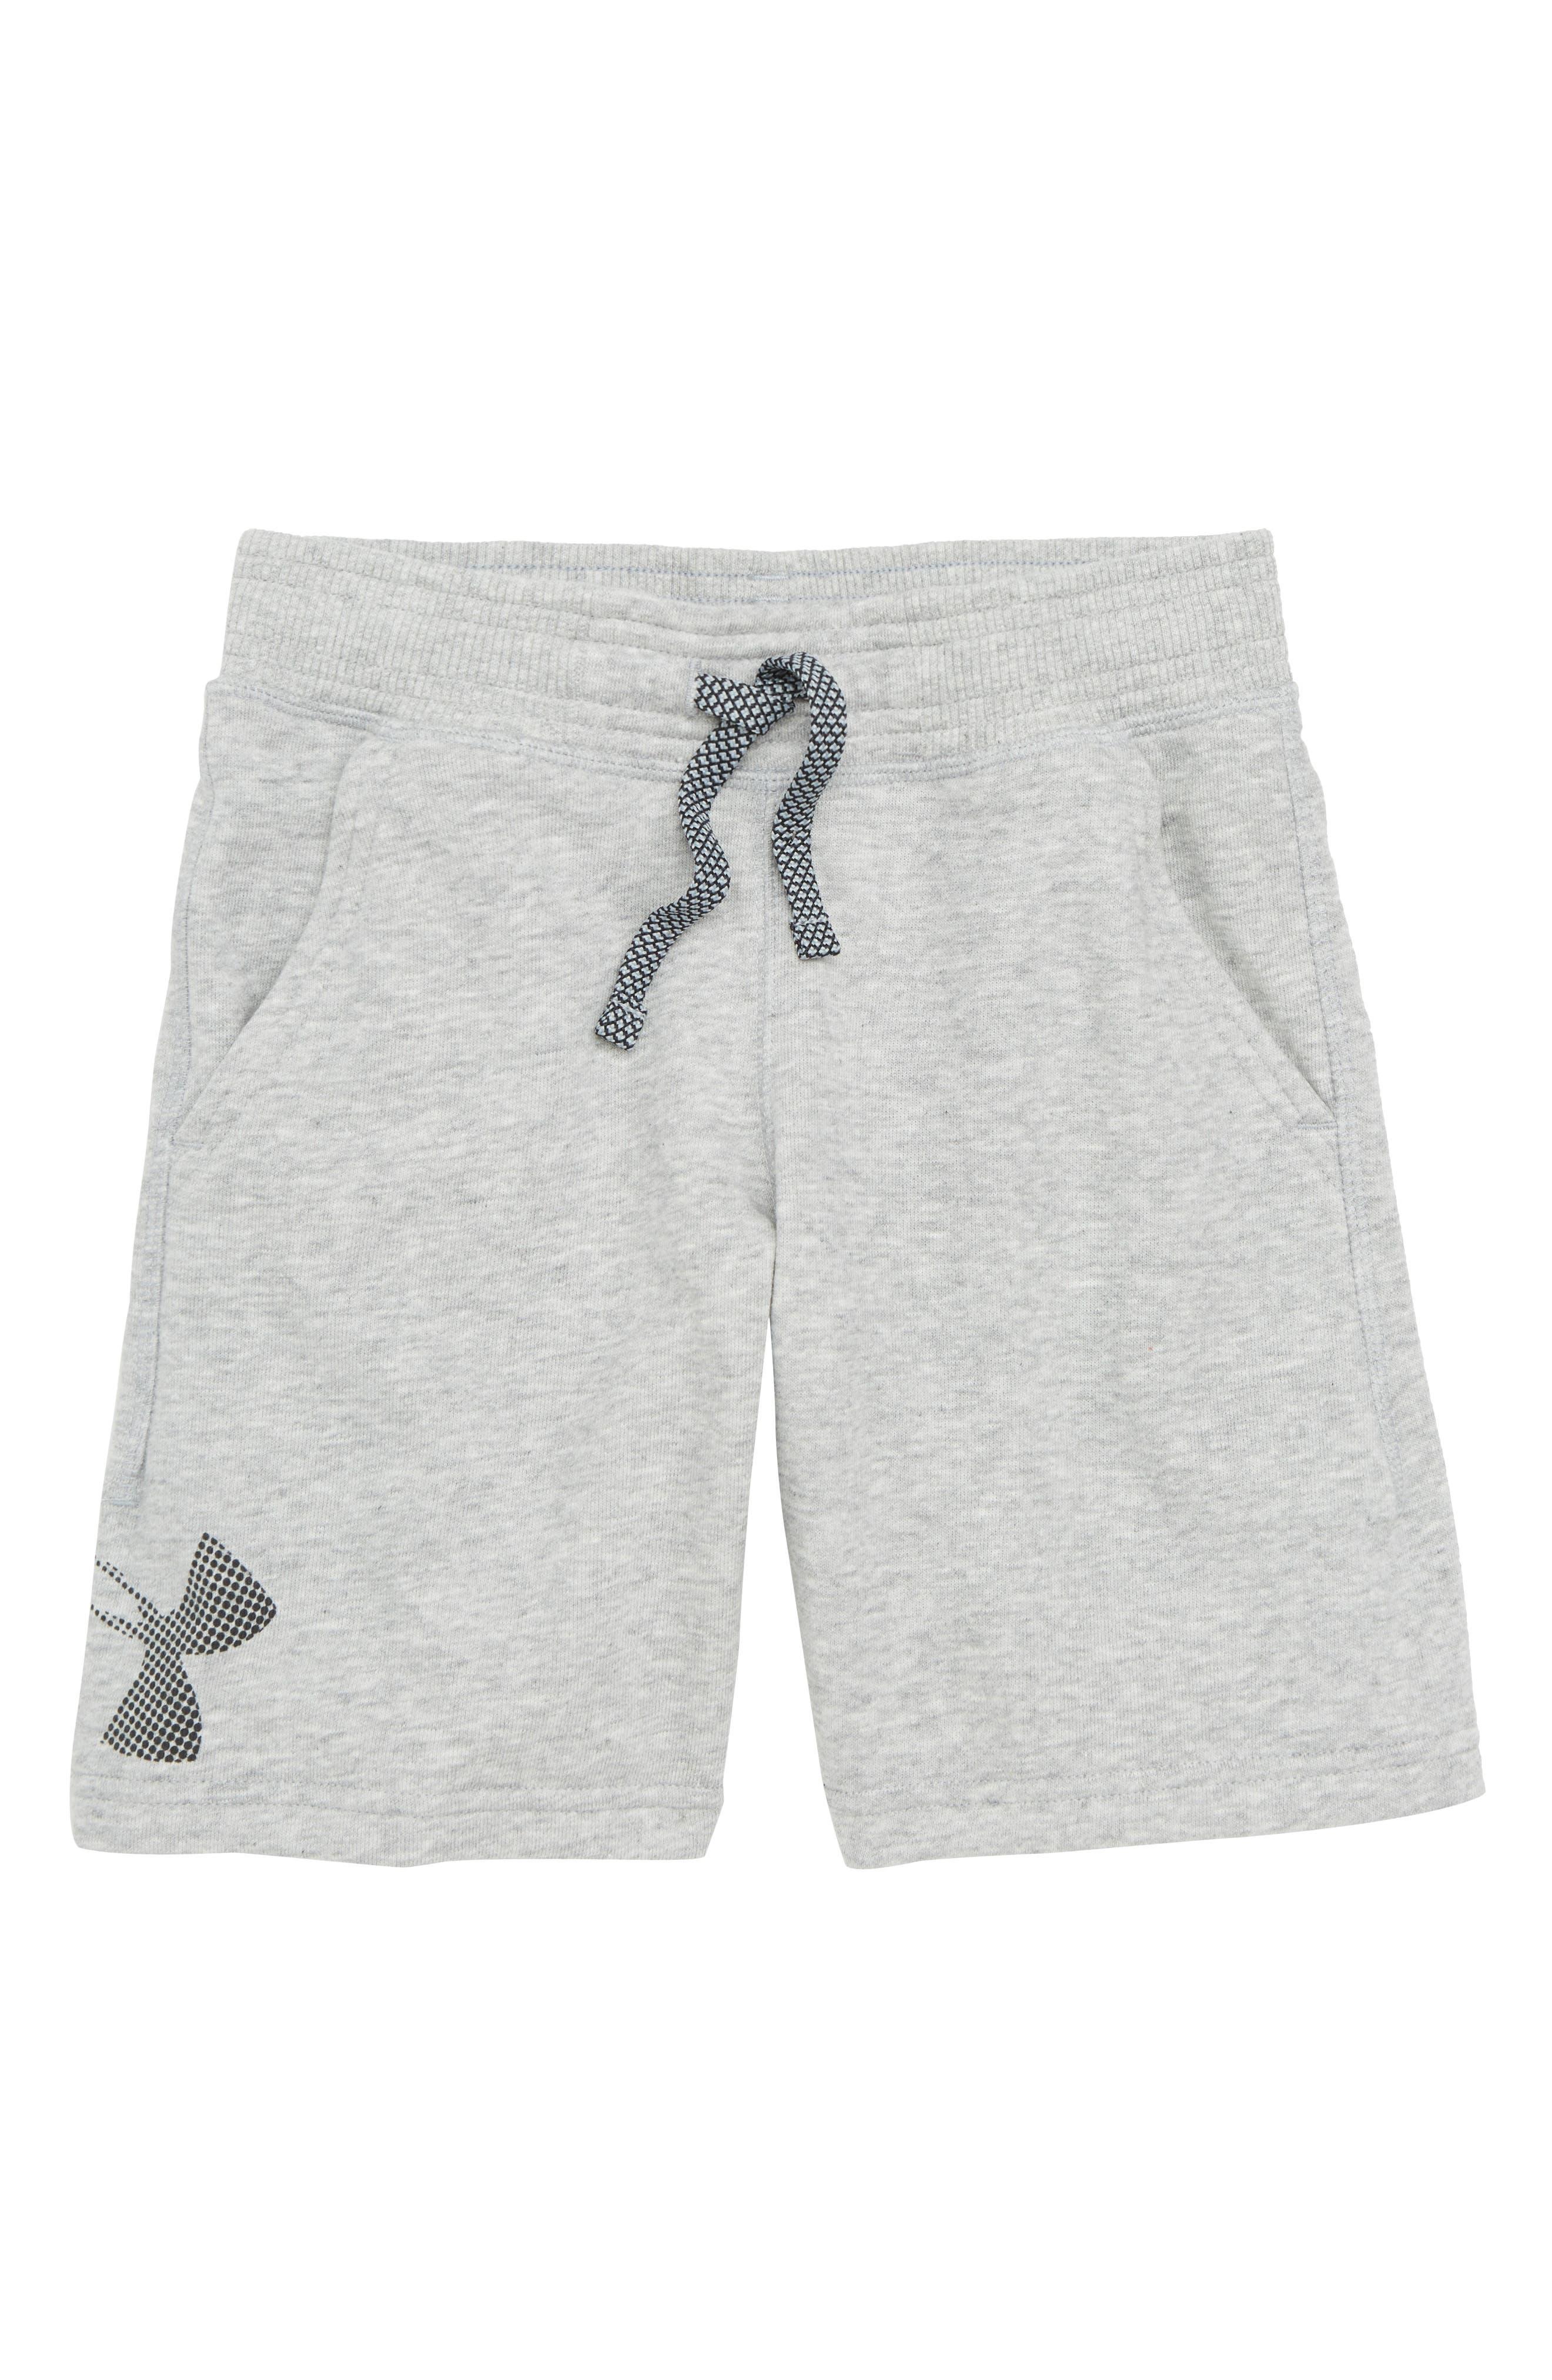 Graphic Knit Shorts,                             Main thumbnail 3, color,